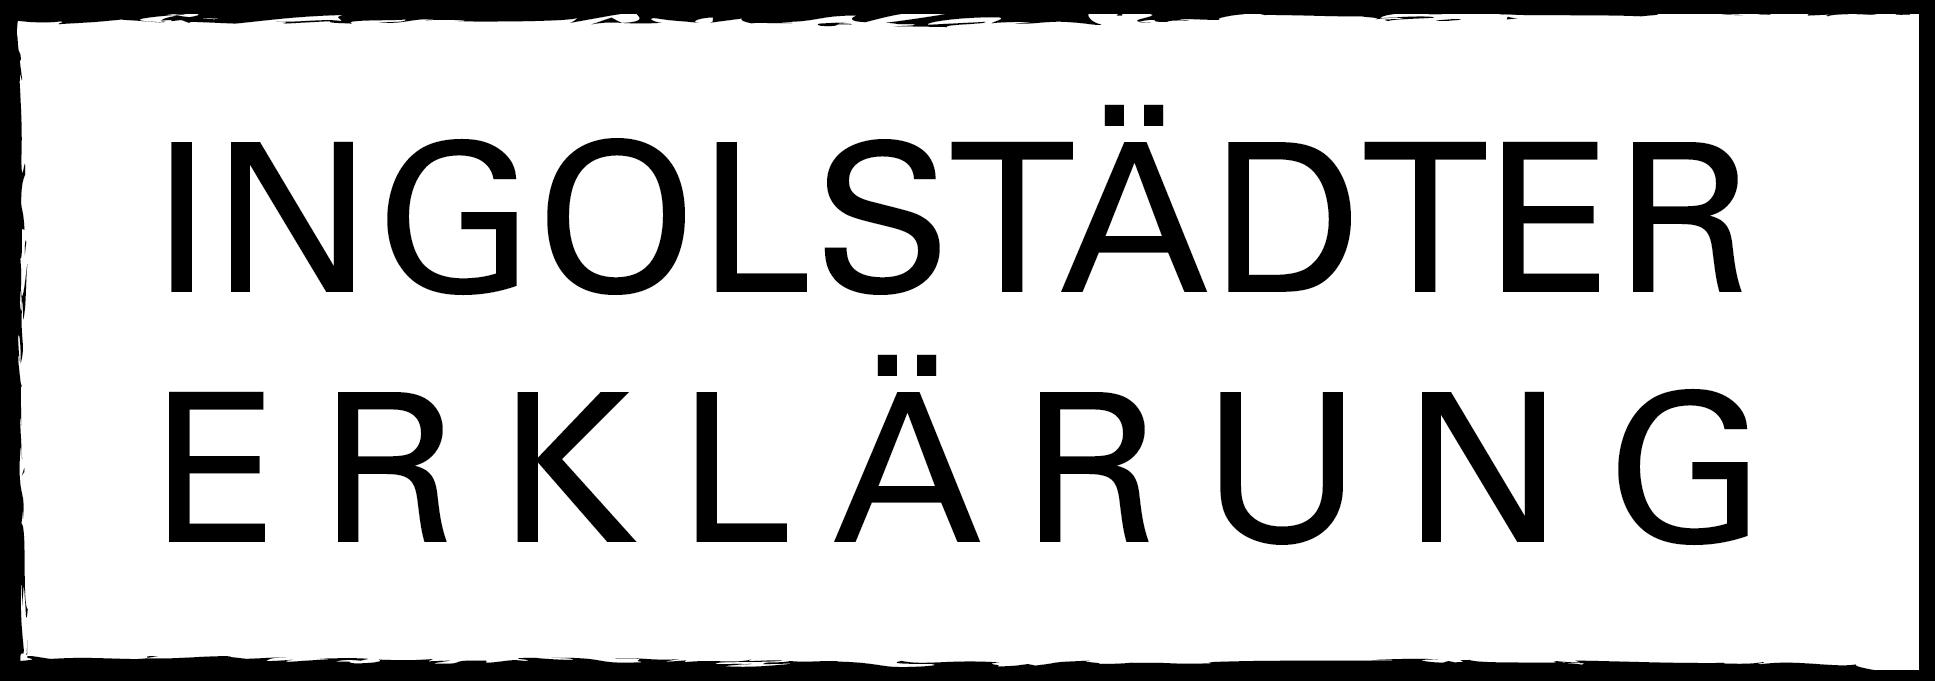 INGOLSTÄDTER ERKLÄRUNG